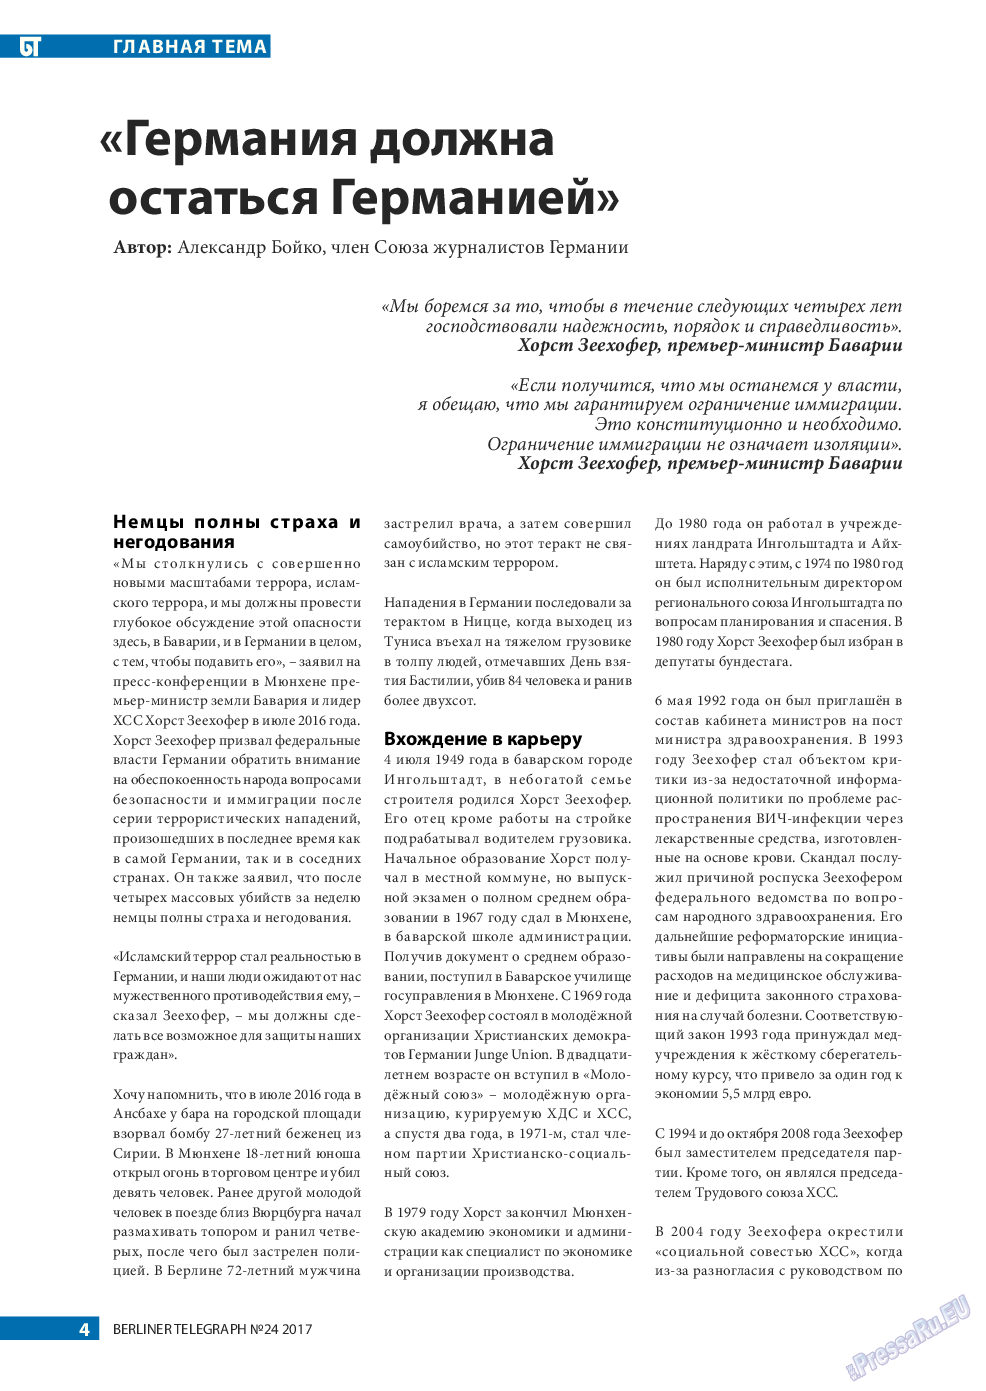 Берлинский телеграф (журнал). 2017 год, номер 24, стр. 4